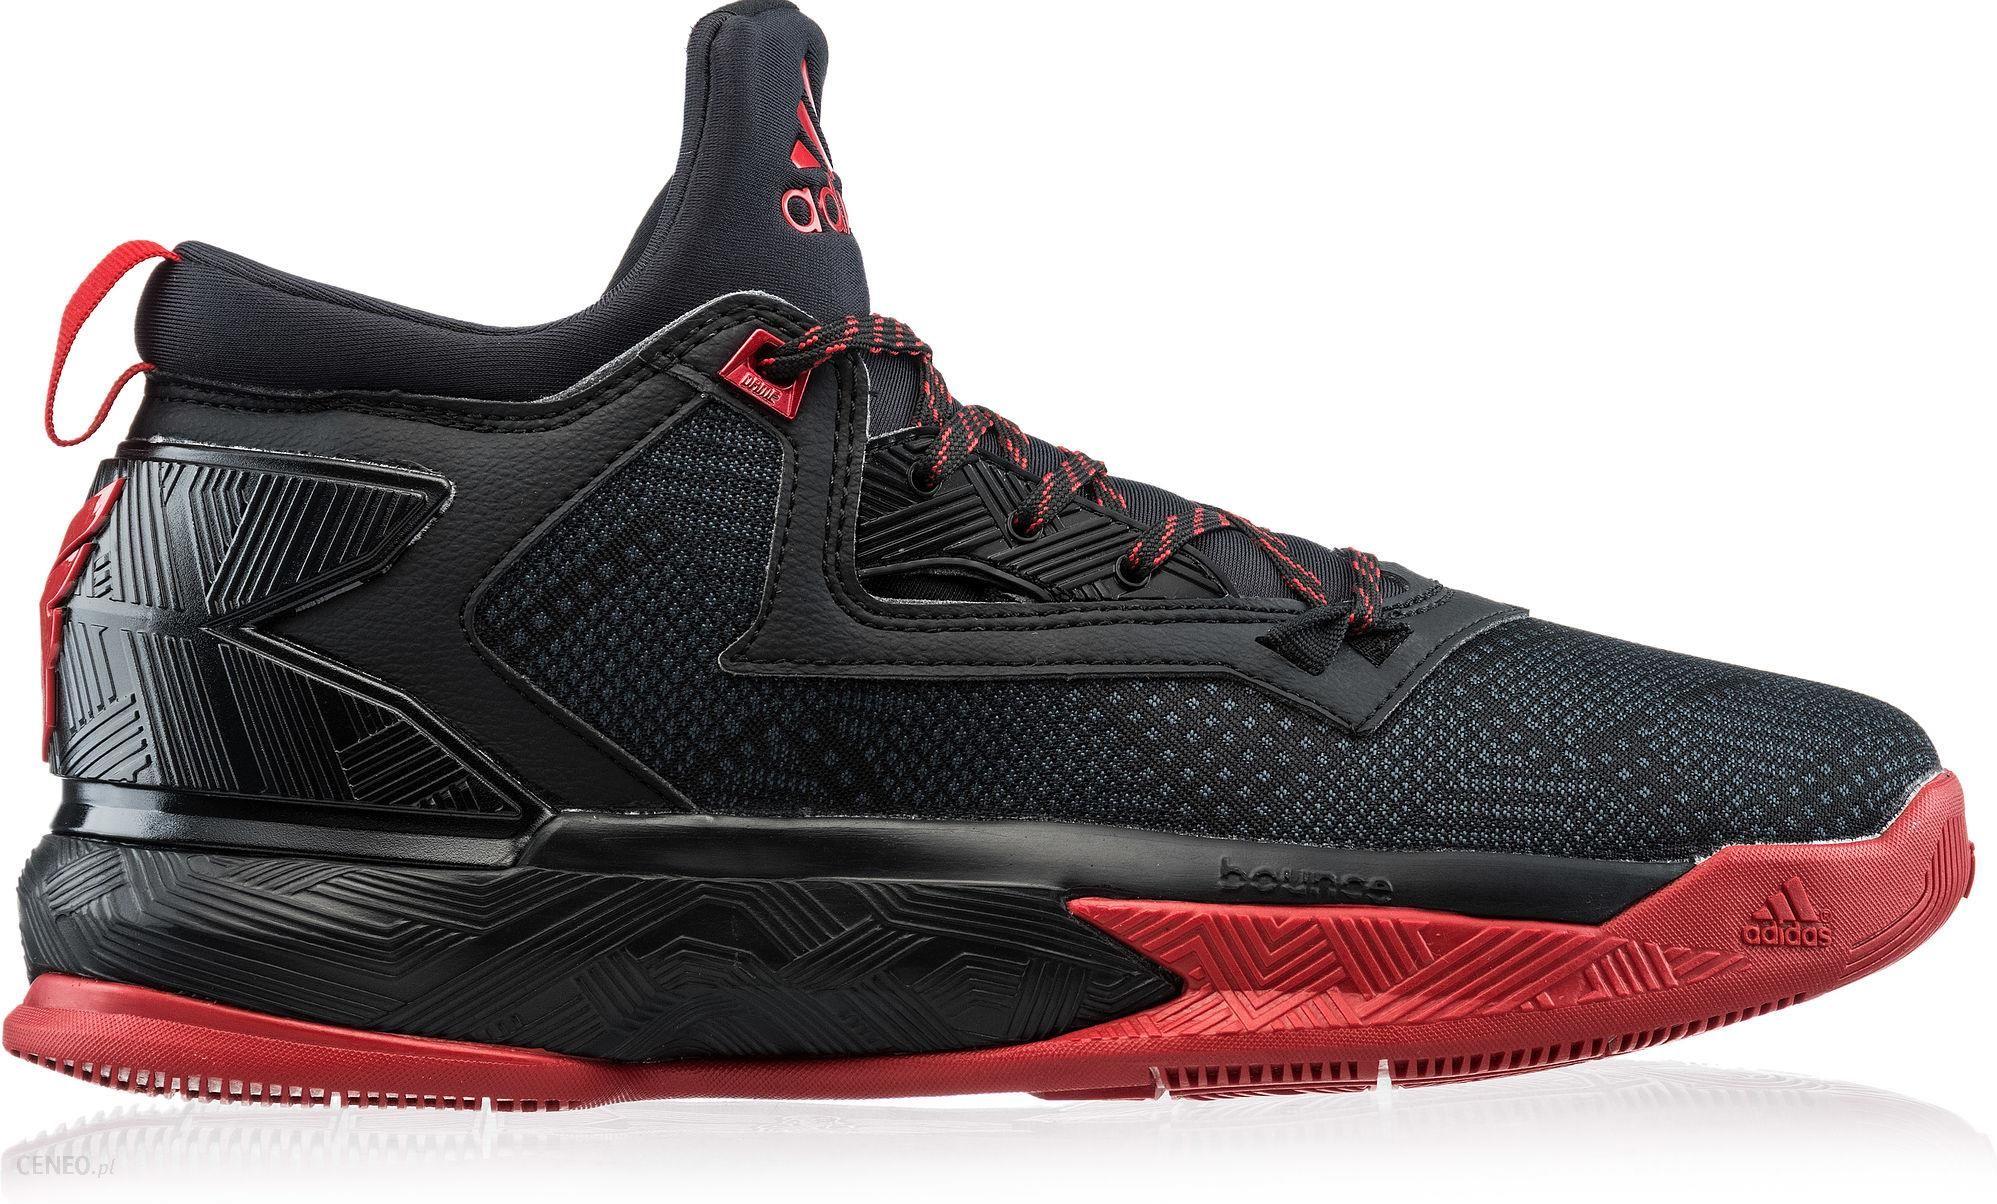 Buty koszykarskie adidas Damian Lillard 2.0 M F37124